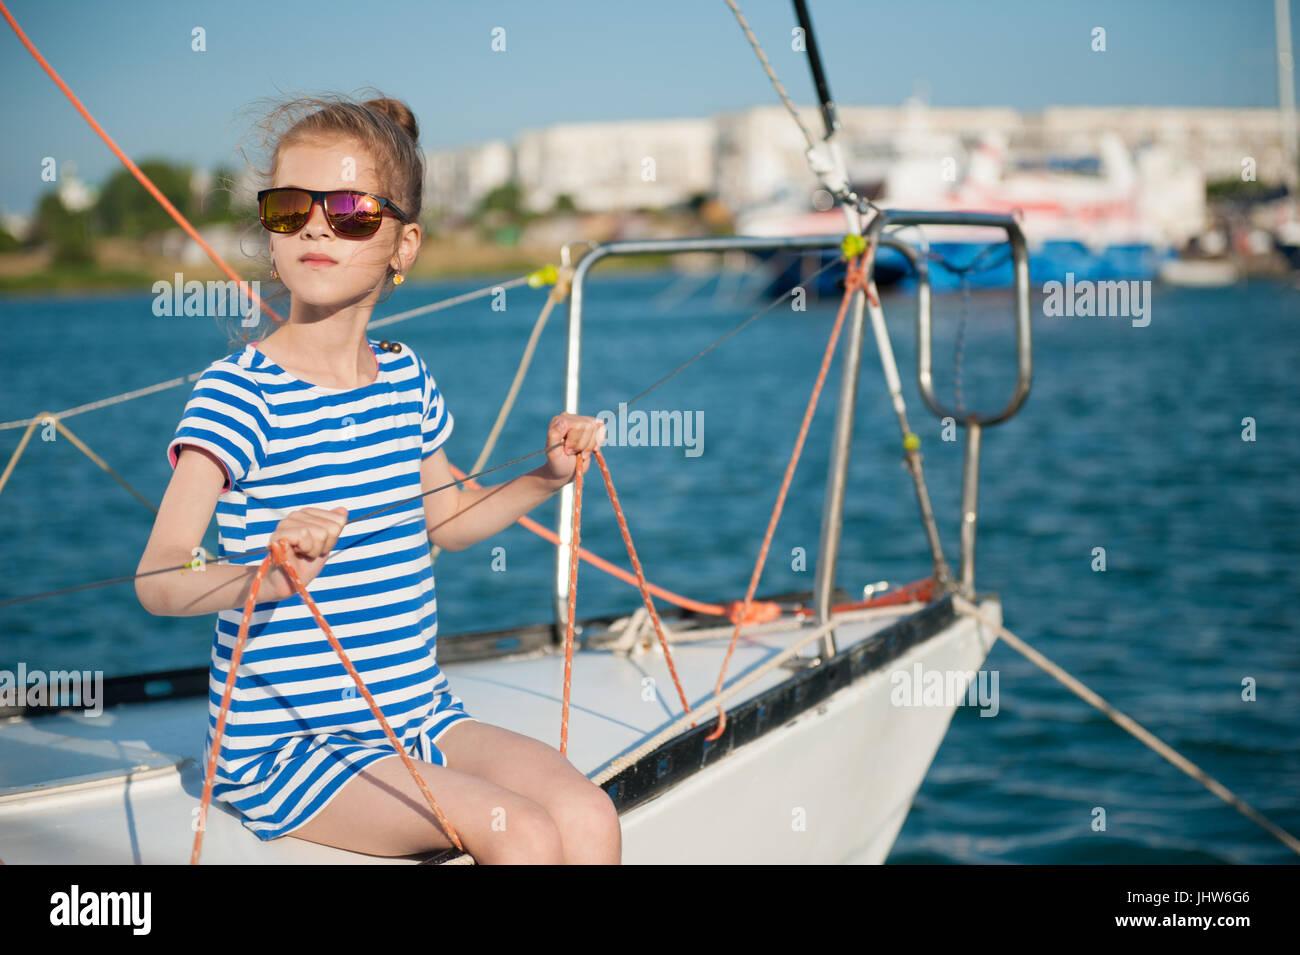 Hermosa niña slim en una camiseta de rayas y gafas de sol sentado a bordo  del 0bddc517851